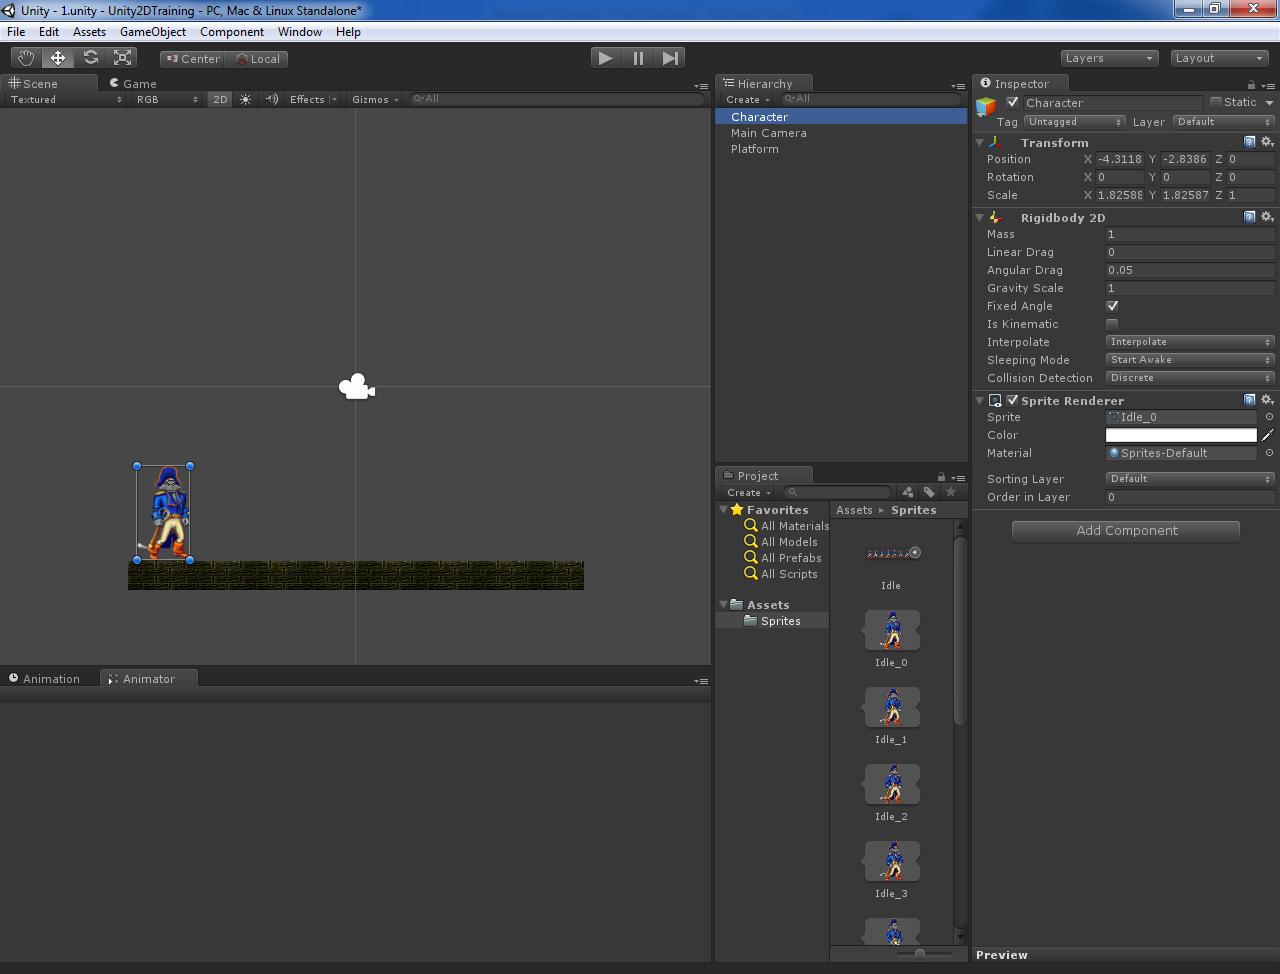 Основы создания 2D персонажа в Unity 3D 4.3. Часть 1: заготовка персонажа и анимация покоя